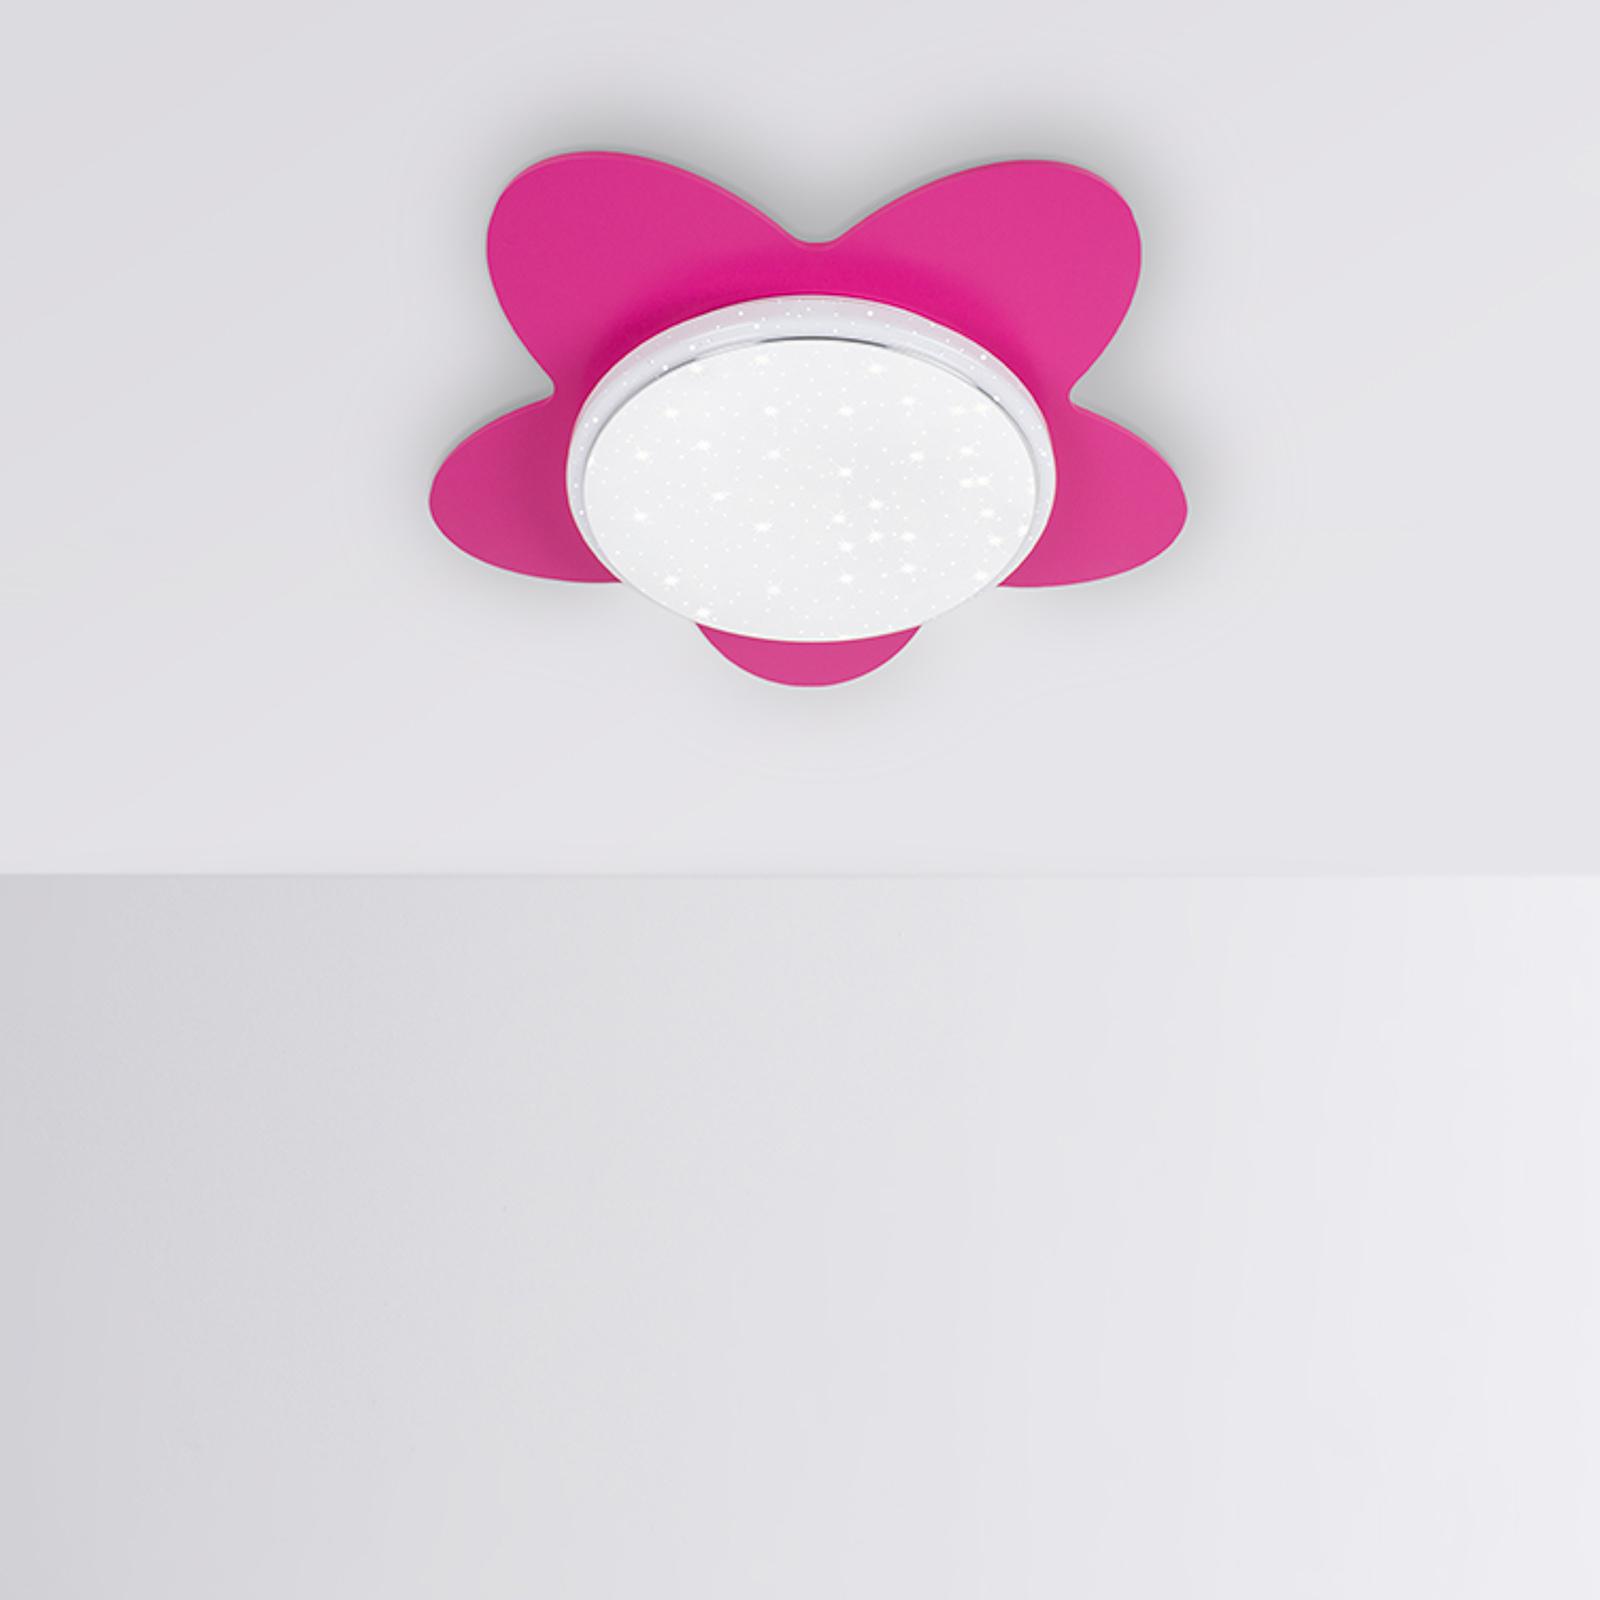 LED-Deckenleuchte Blume Starlight, pink